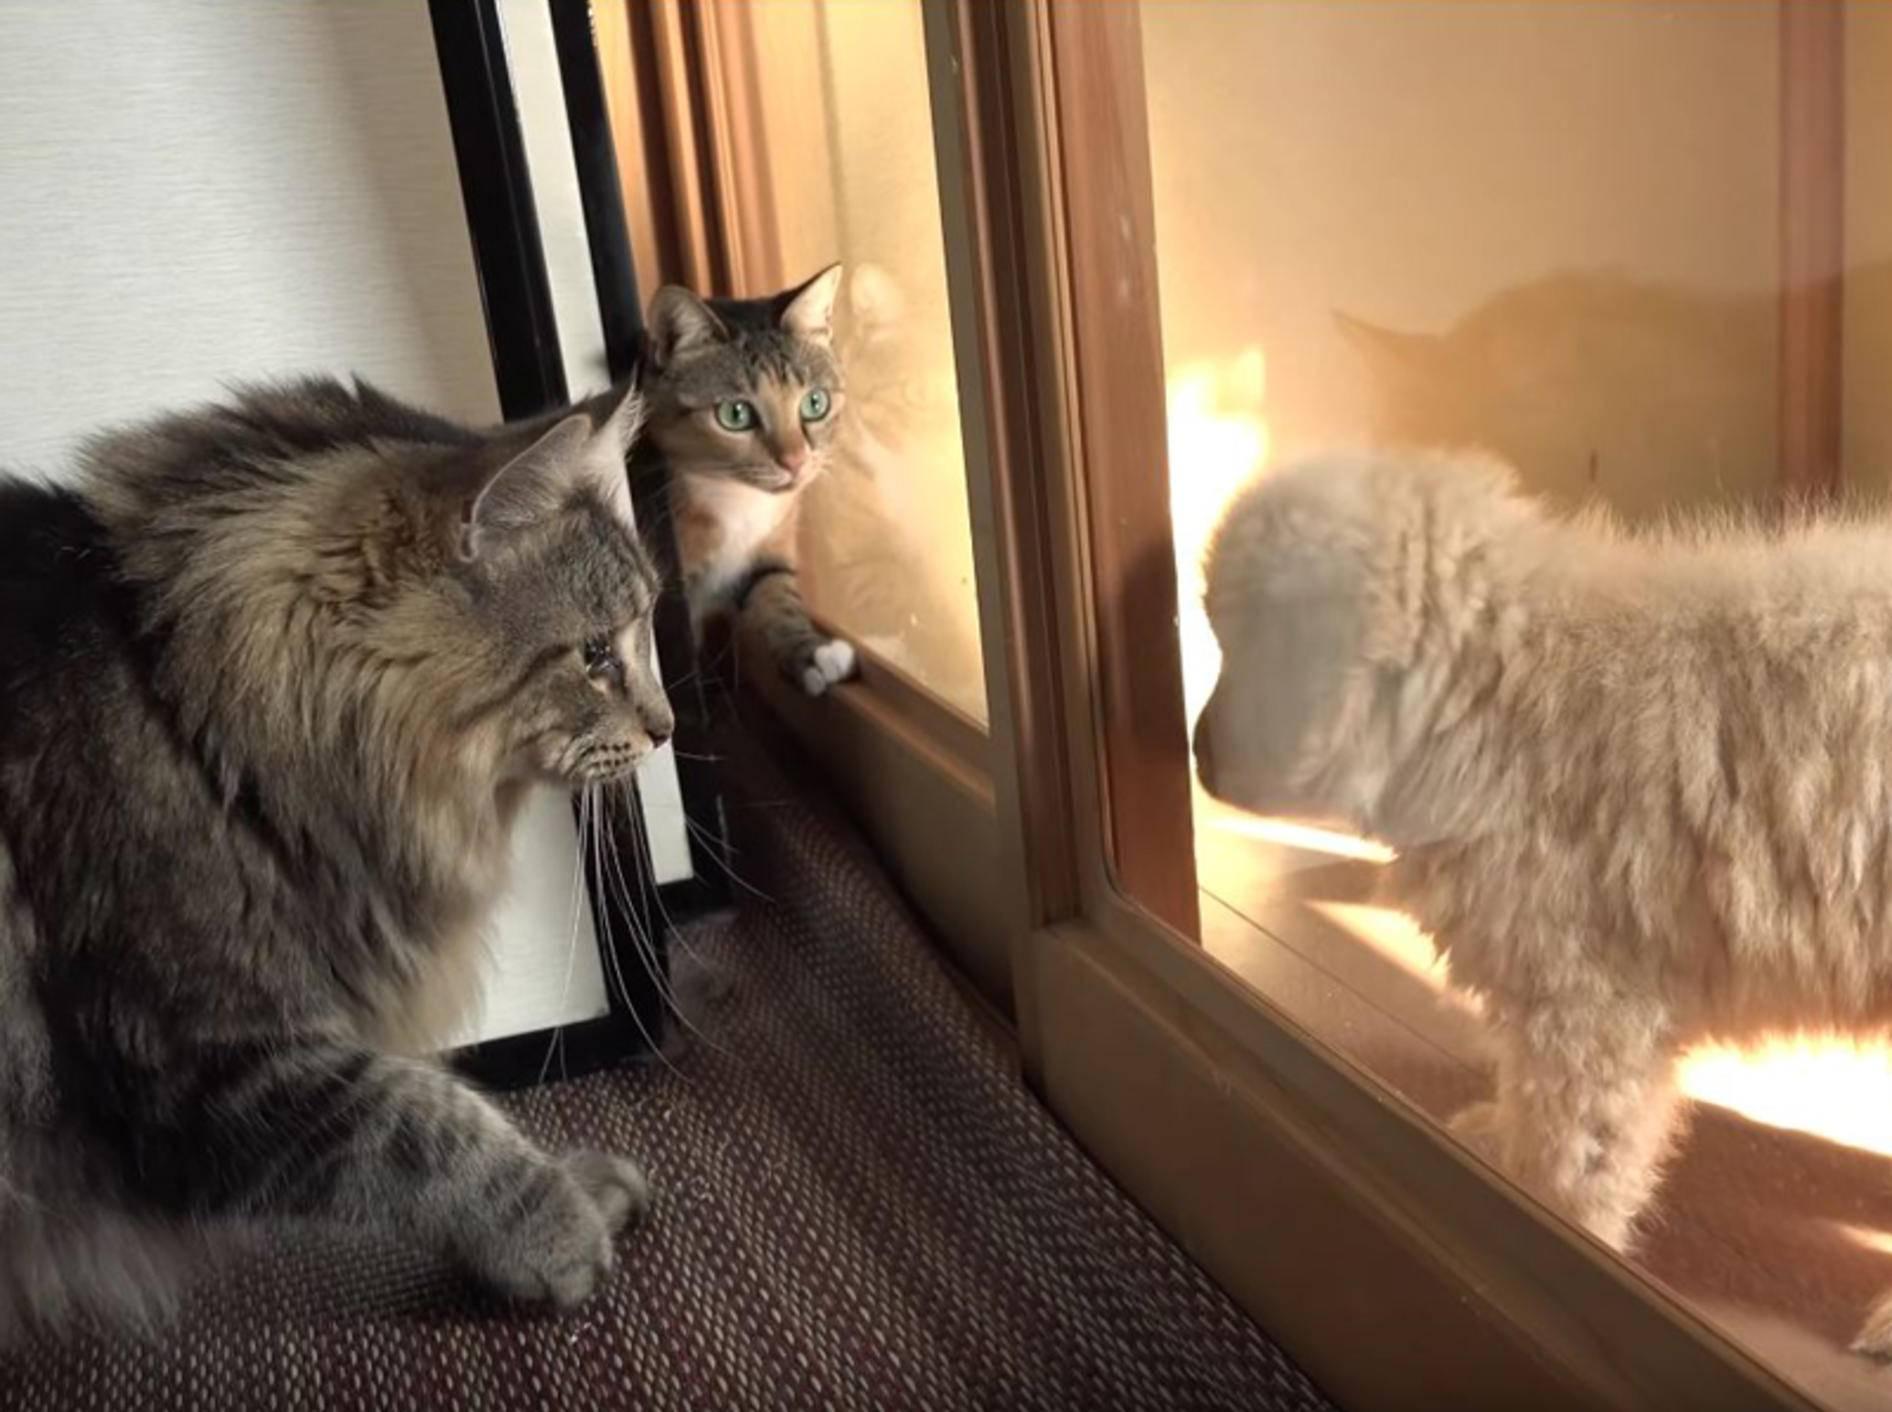 Japanische Katzen-WG trifft auf flauschigen Unbekannten – YouTube / 10 Cats.+